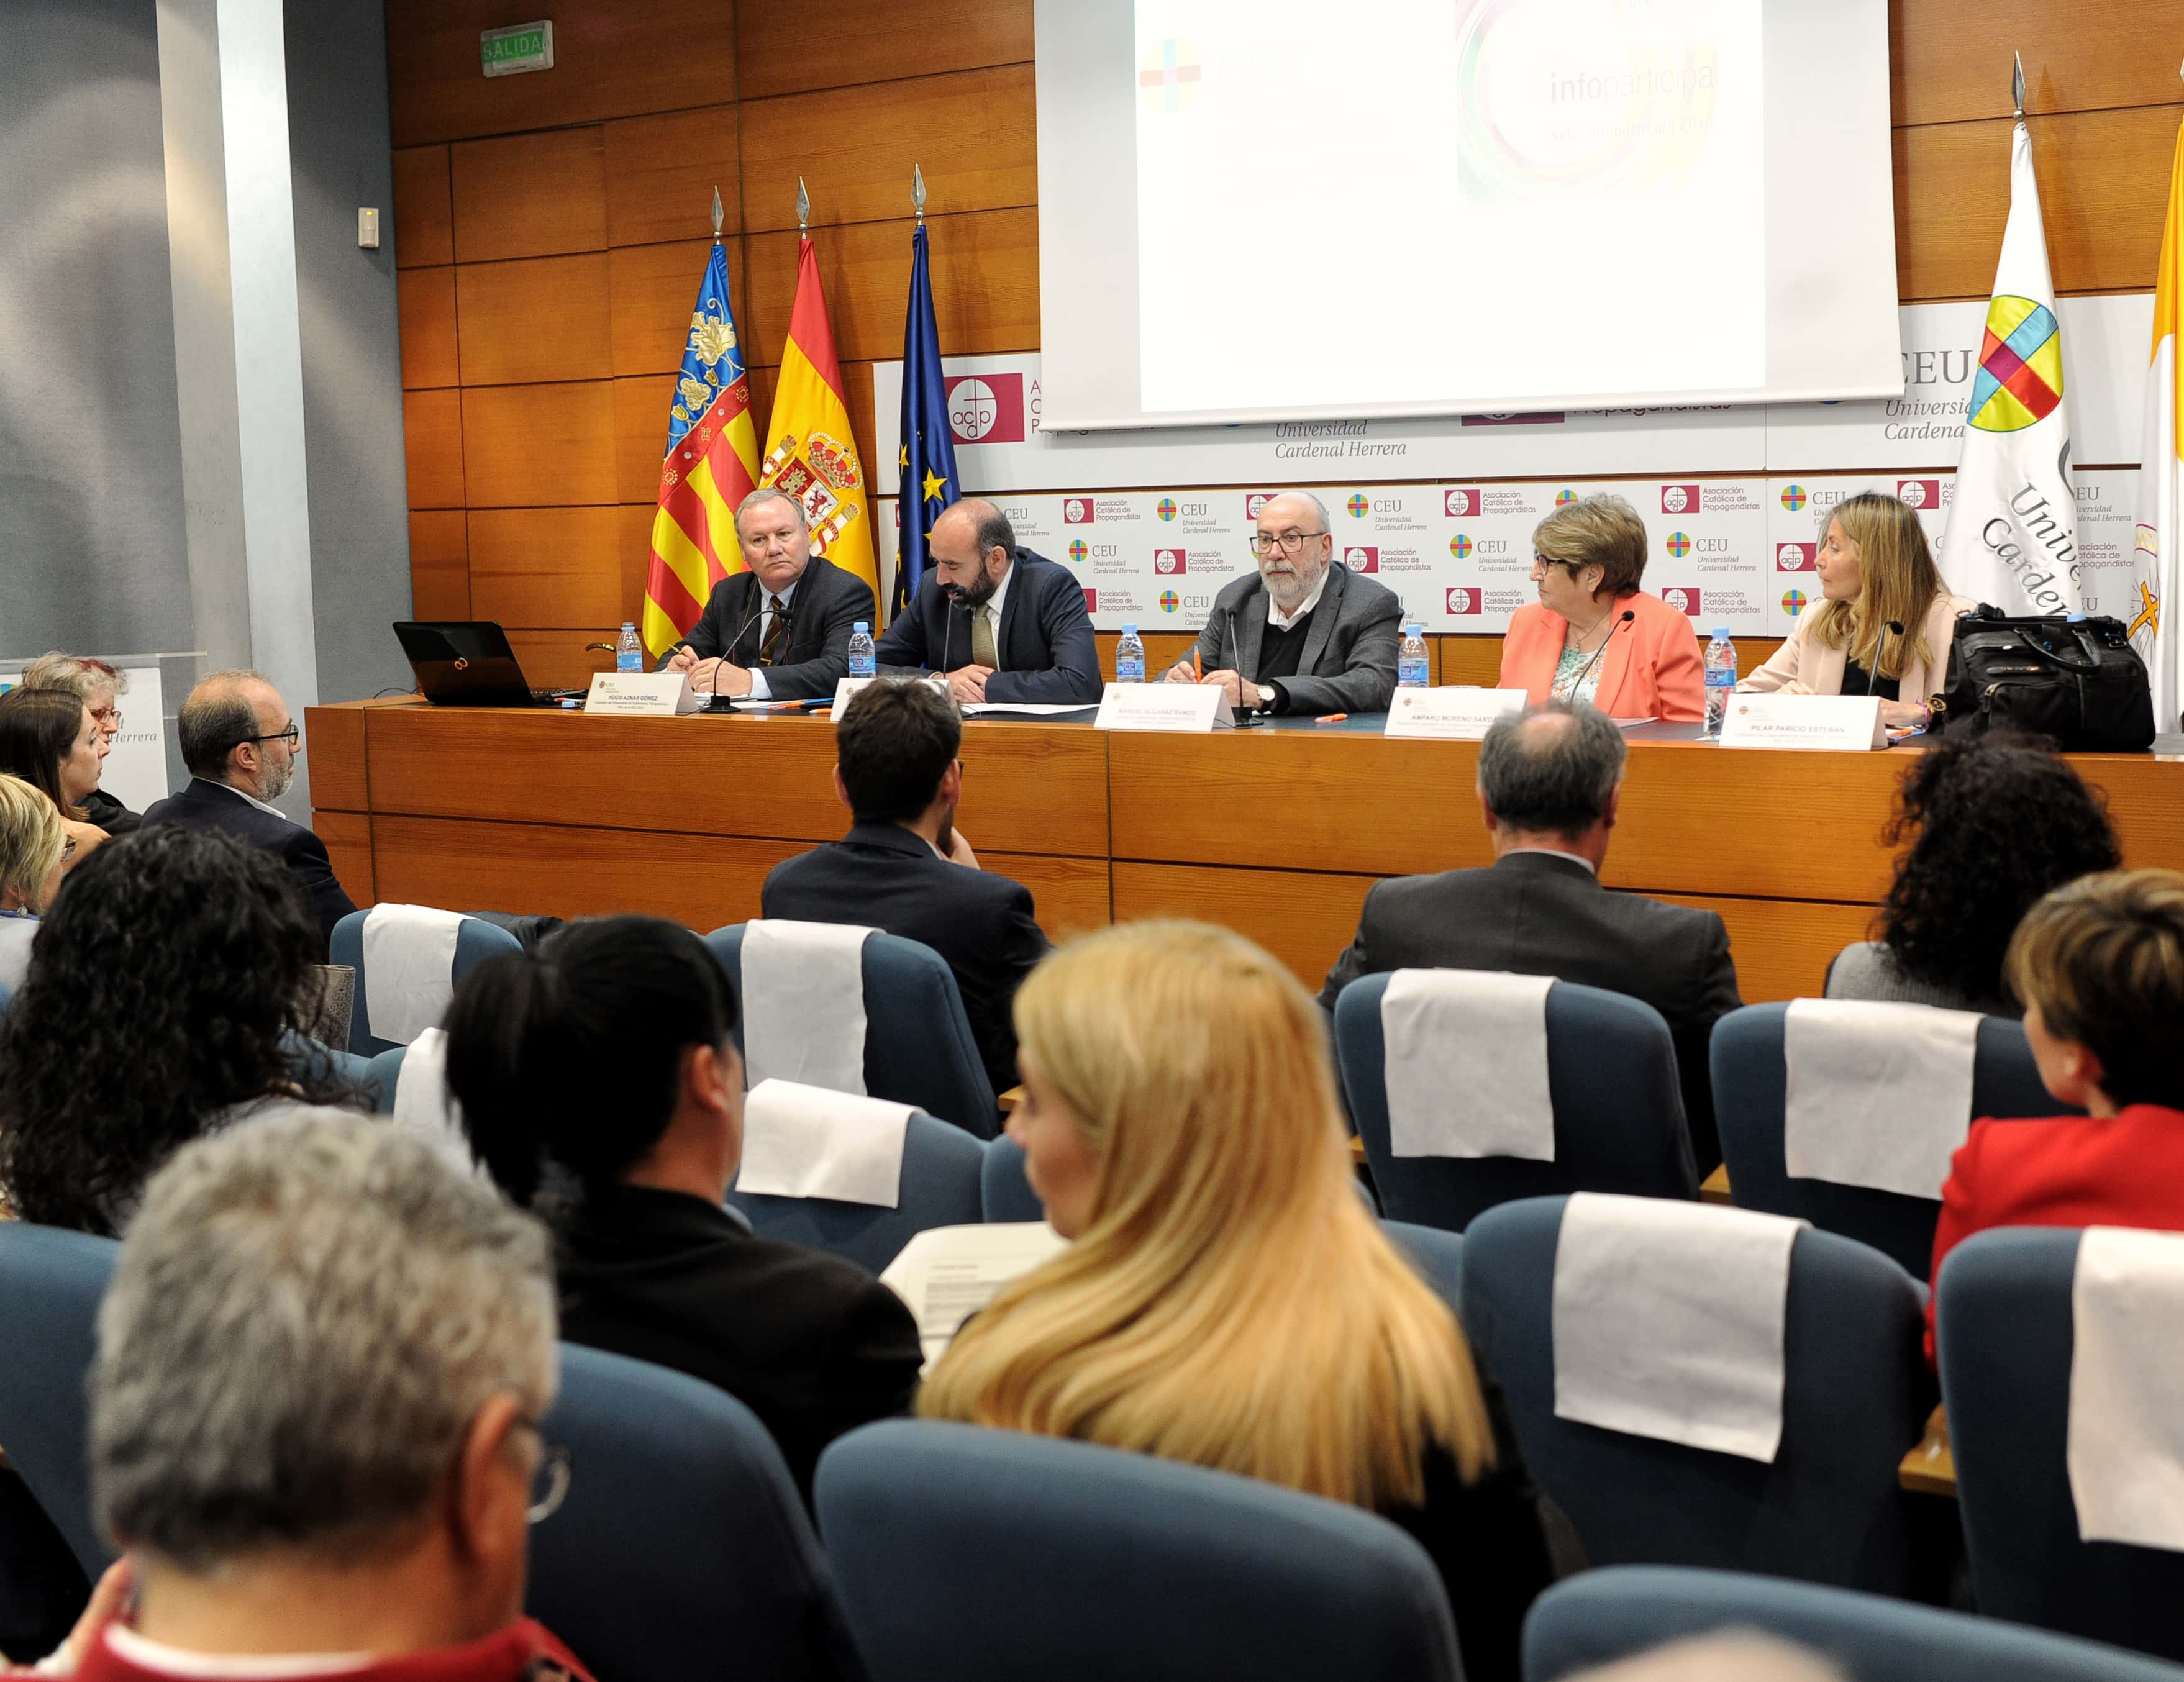 la-ceu-uch-y-la-autnoma-de-barcelona-premian-a-los-ayuntamientos-de-valencia-alzira-elche-y-castelln-por-la-transparencia-de-sus-webs-municipales_47592130691_o